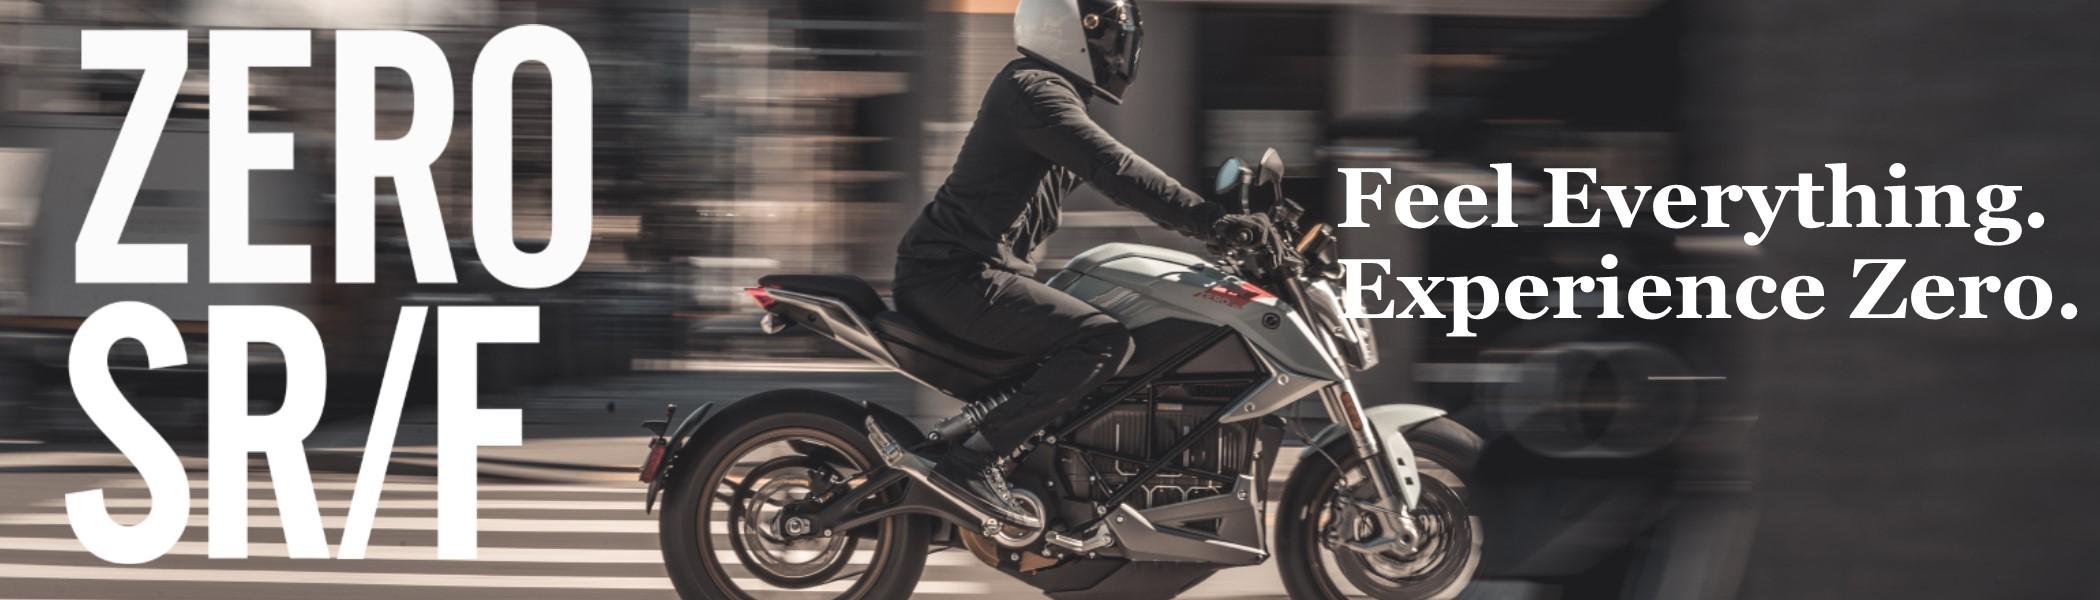 Vintage Motorcycle Parts - Ural, Trials Motorcycles - Zero